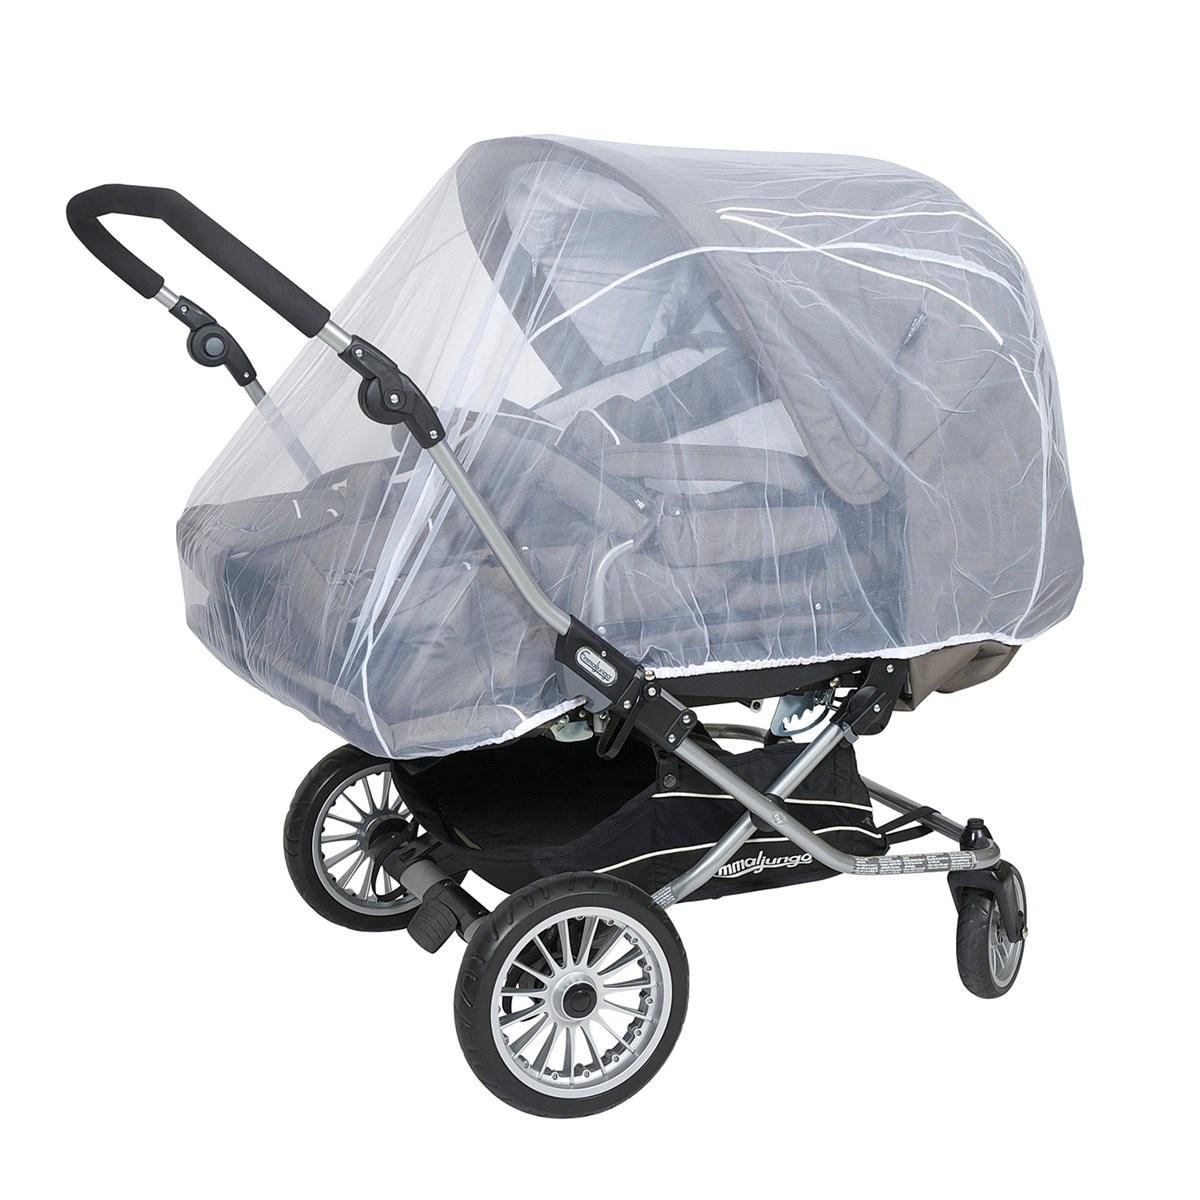 Универсальная москитная сетка для коляски аксессуары для колясок витоша защитная сетка от насекомых для коляски